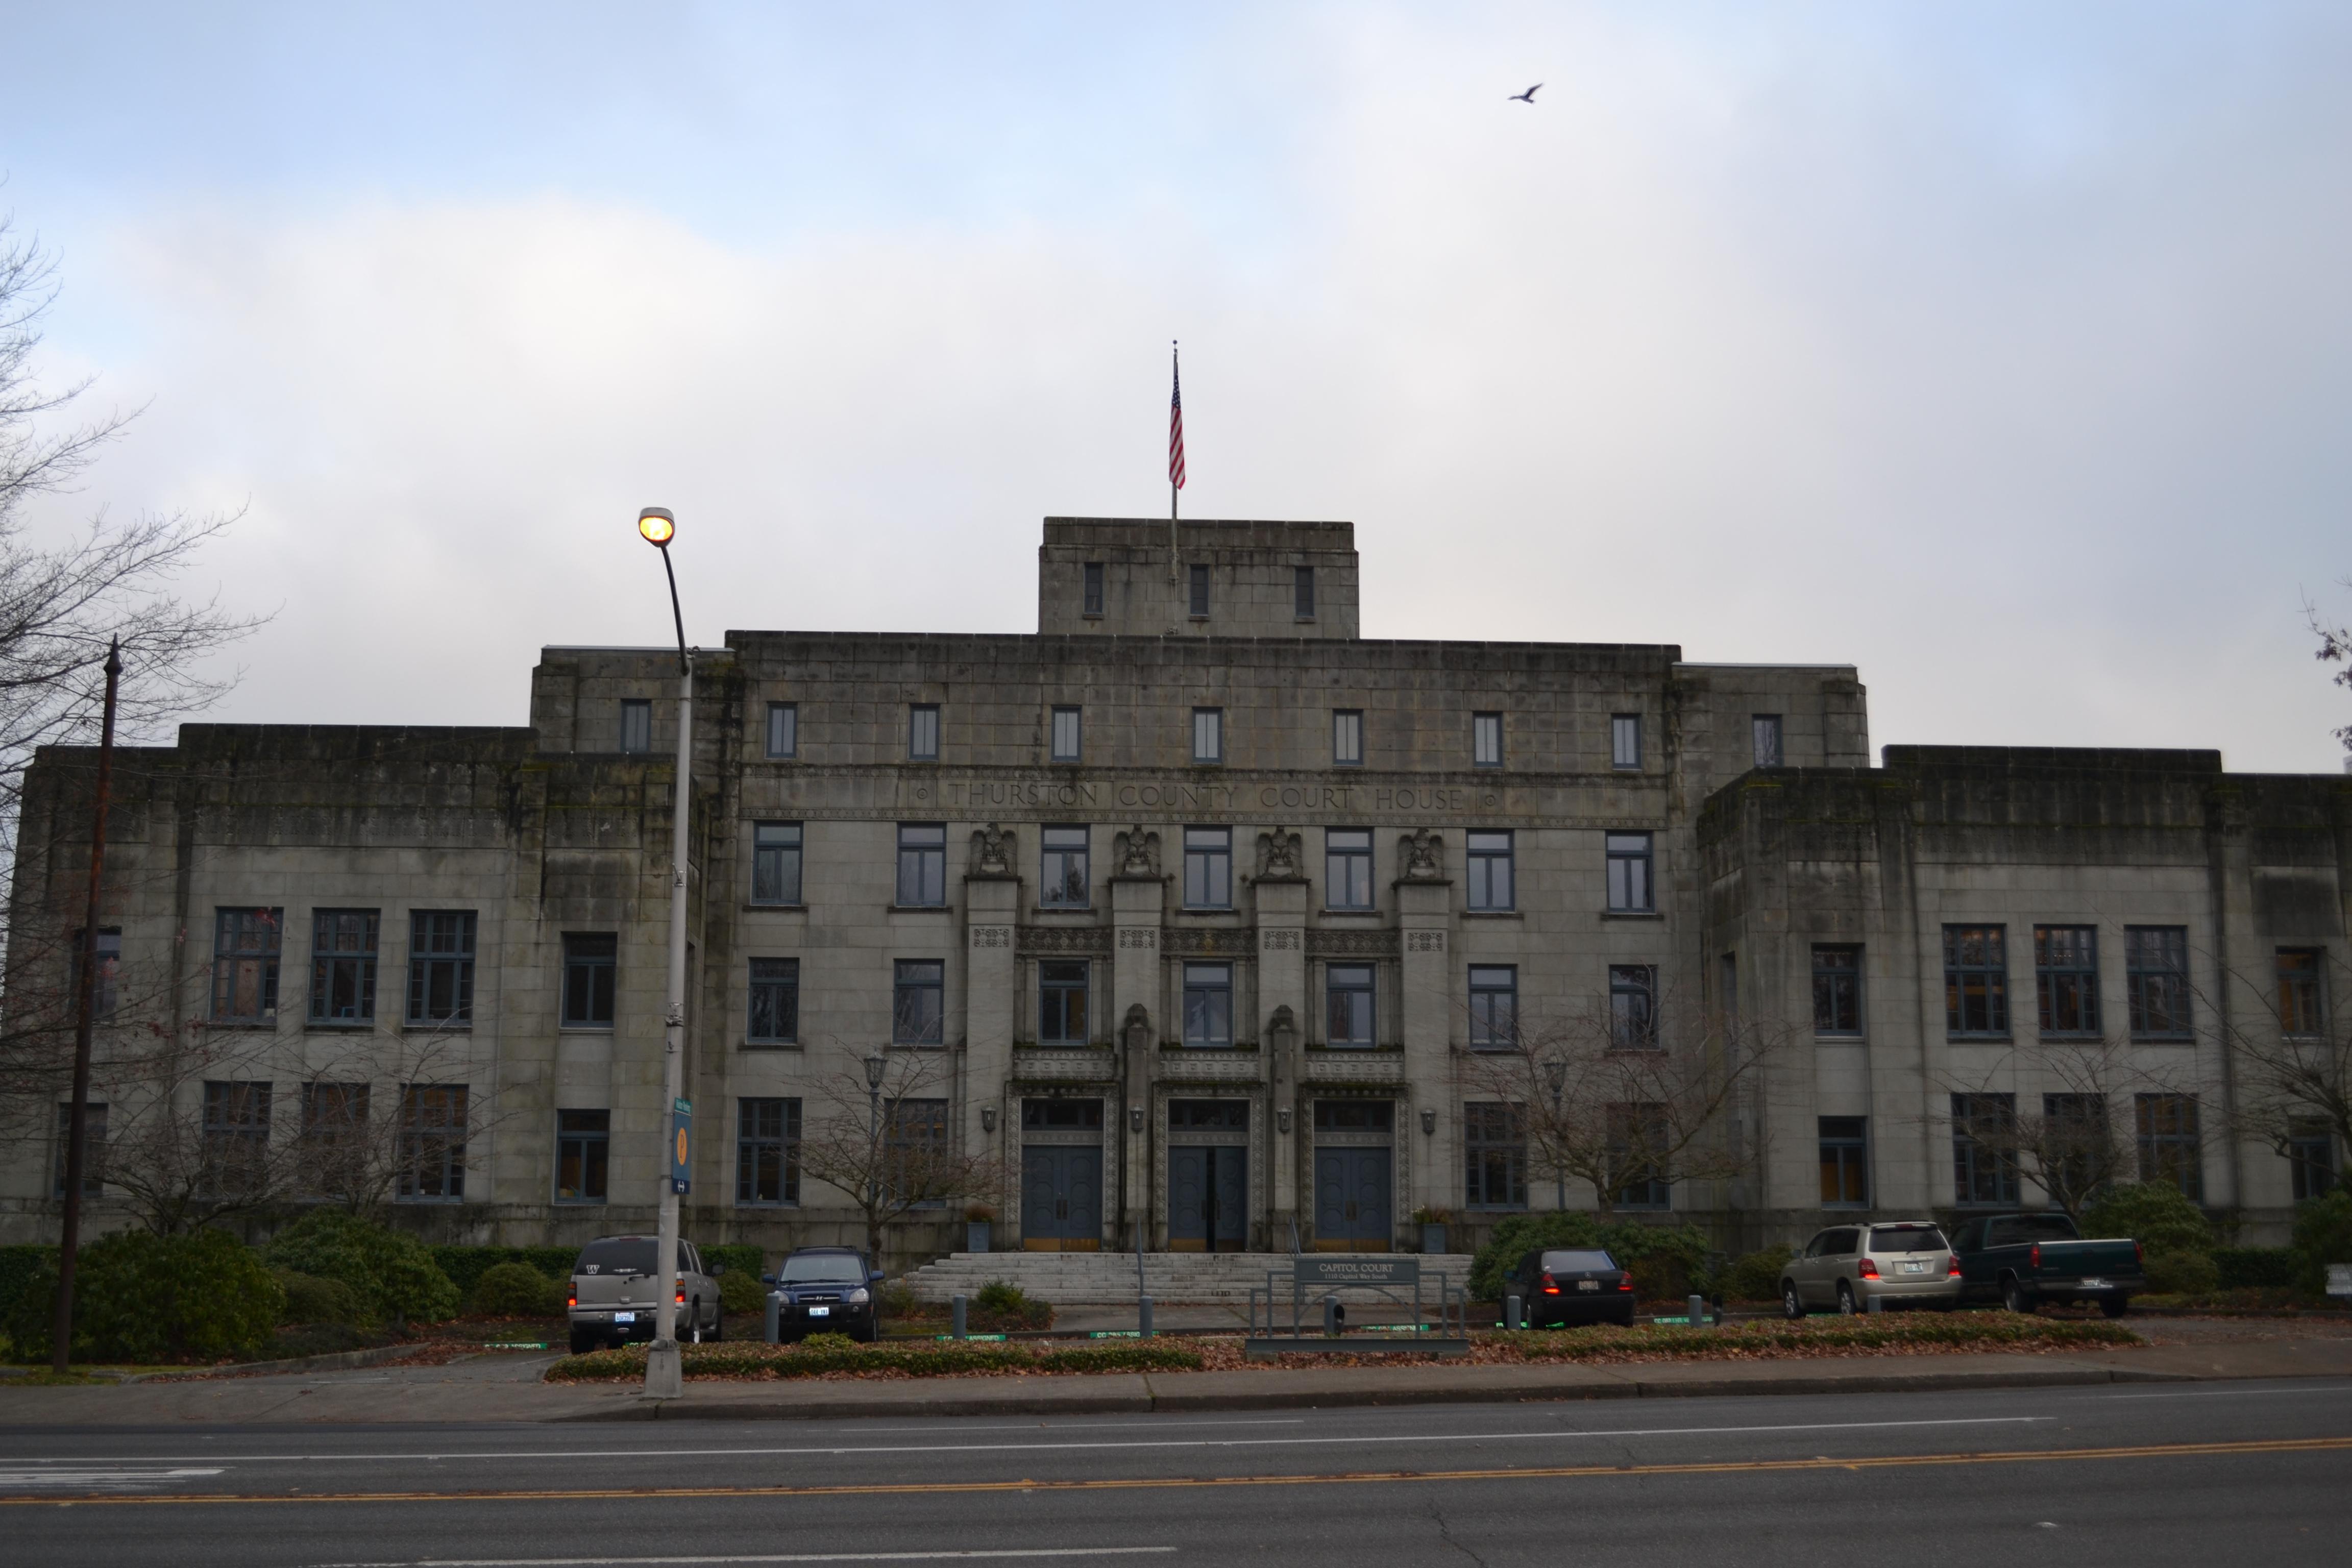 Oskarżony przez swoje córki m.in. o molestowanie seksualne Paul Ingram był przewodniczącym okręgu republikańskiego w hrabstwie Thurston w Waszyngtonie i głównym zastępcą cywilnego departamentu szeryfa. Na zdjęciu dawny gmach sądu w Thurston (fot. Visitor7 / Wikimedia.org / CC BY-SA 3.0)